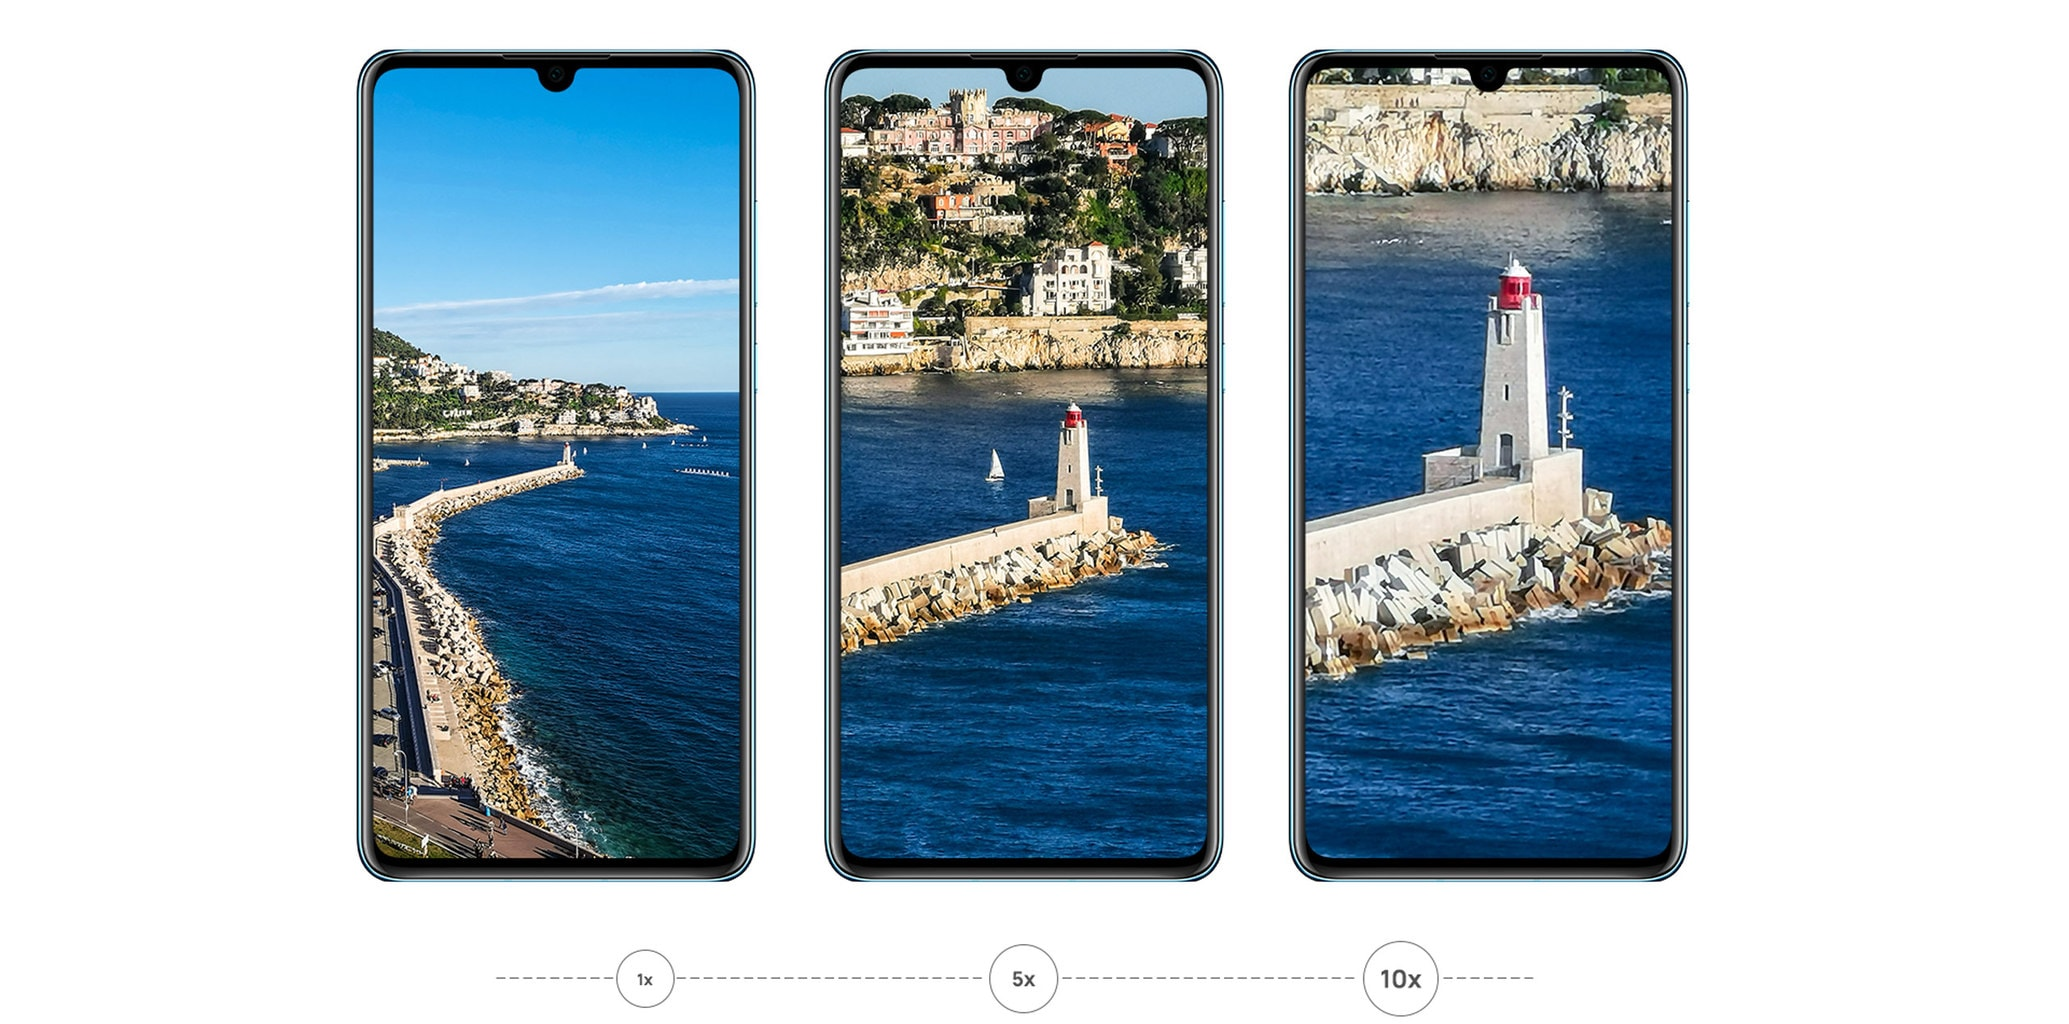 Imágenes de zoom del Huawei P30